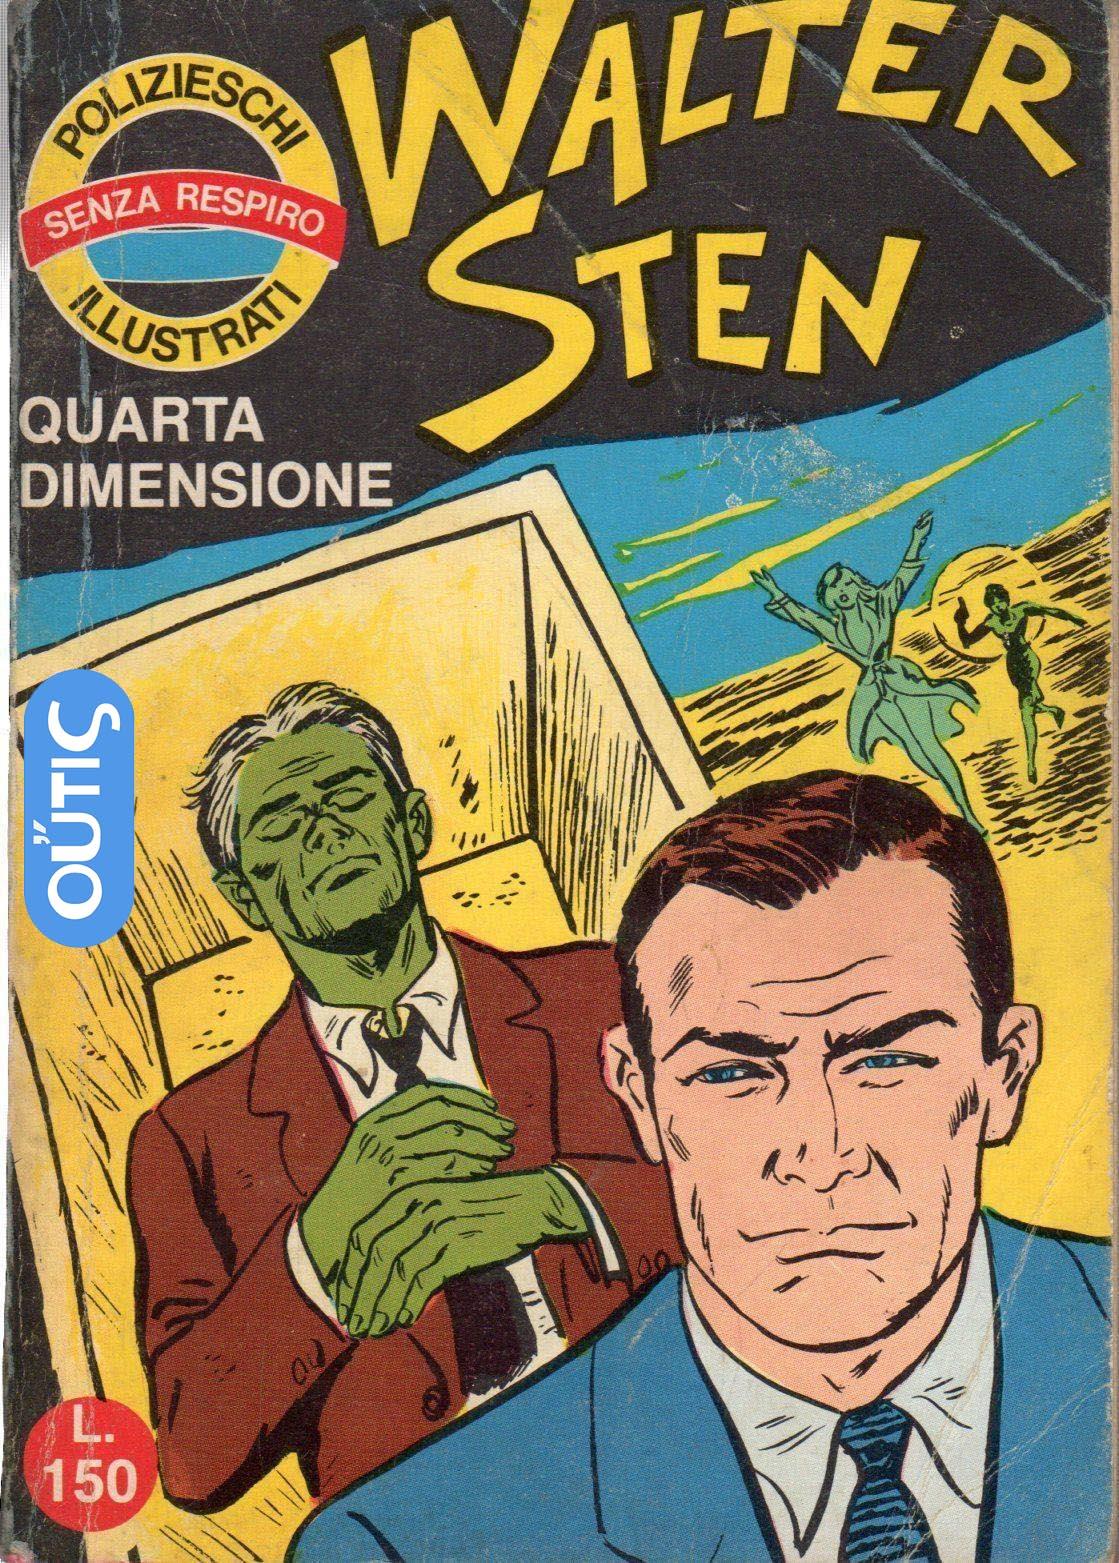 Fumetti Italiani Vintage: Walter Sten